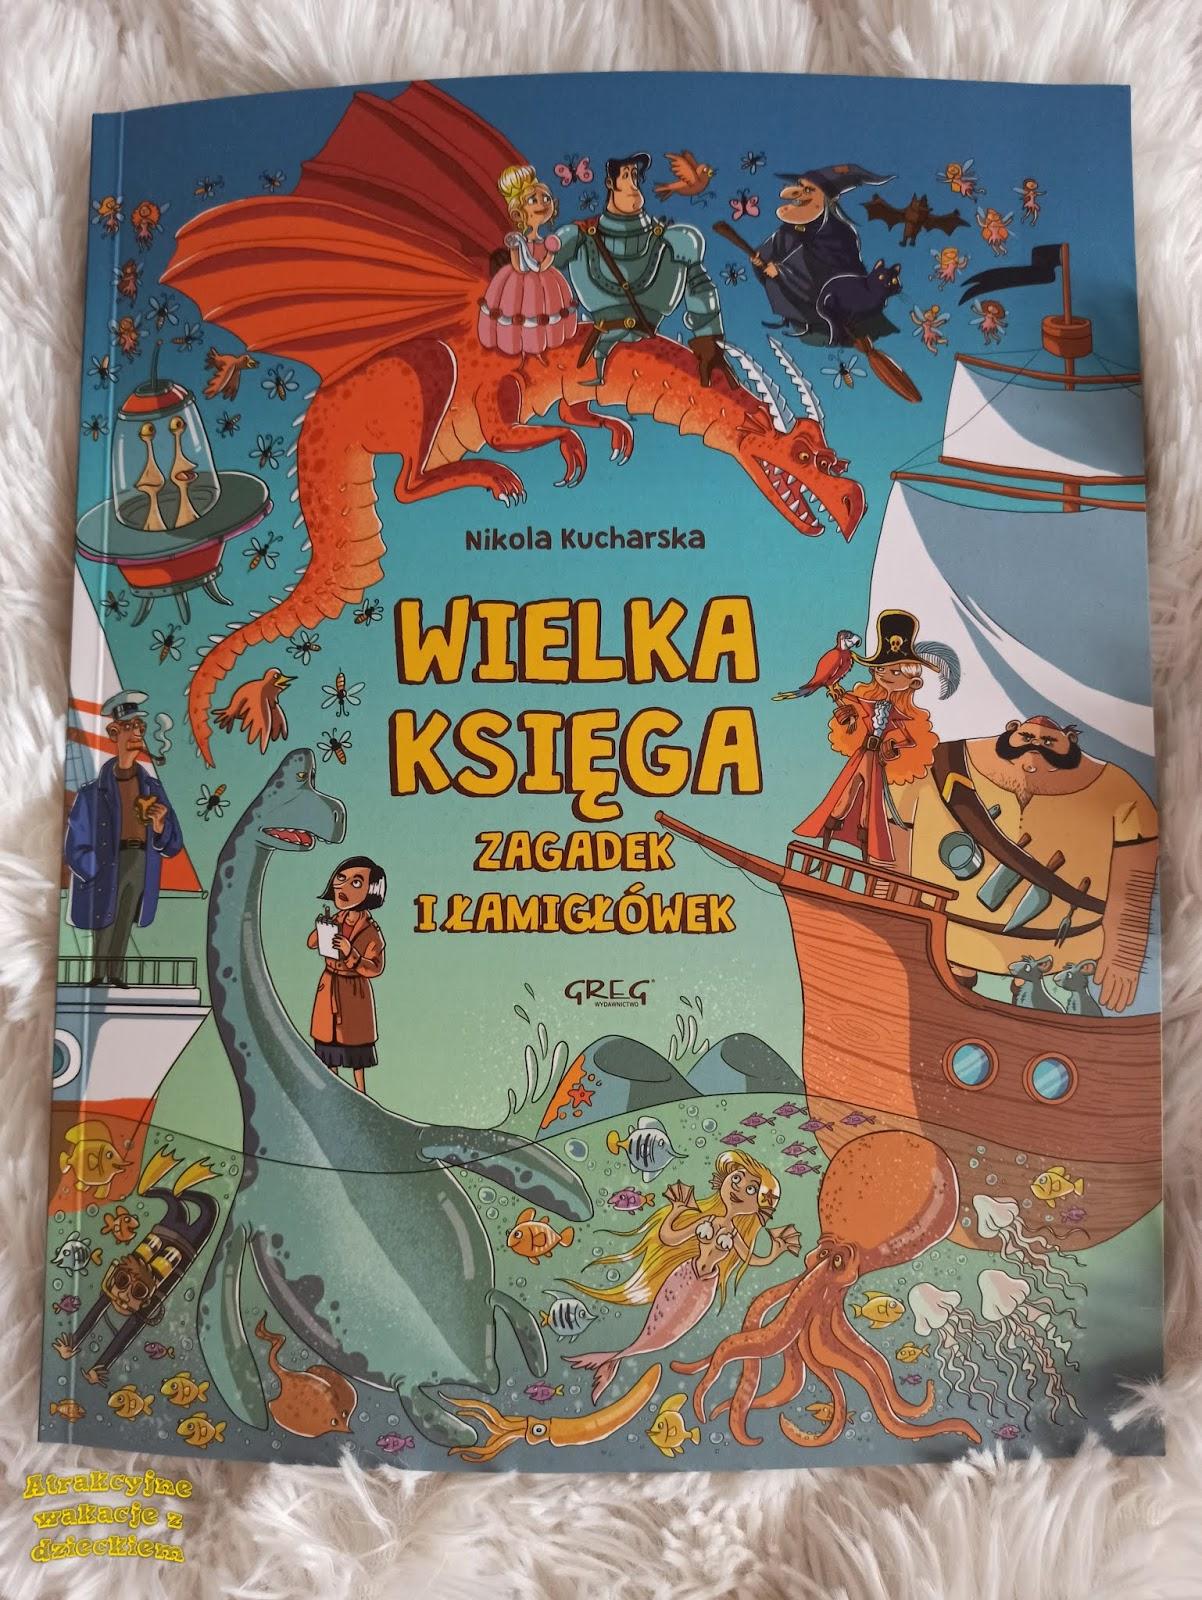 Recenzja książki na blogu Atrakcyjne wakacje z dzieckiem